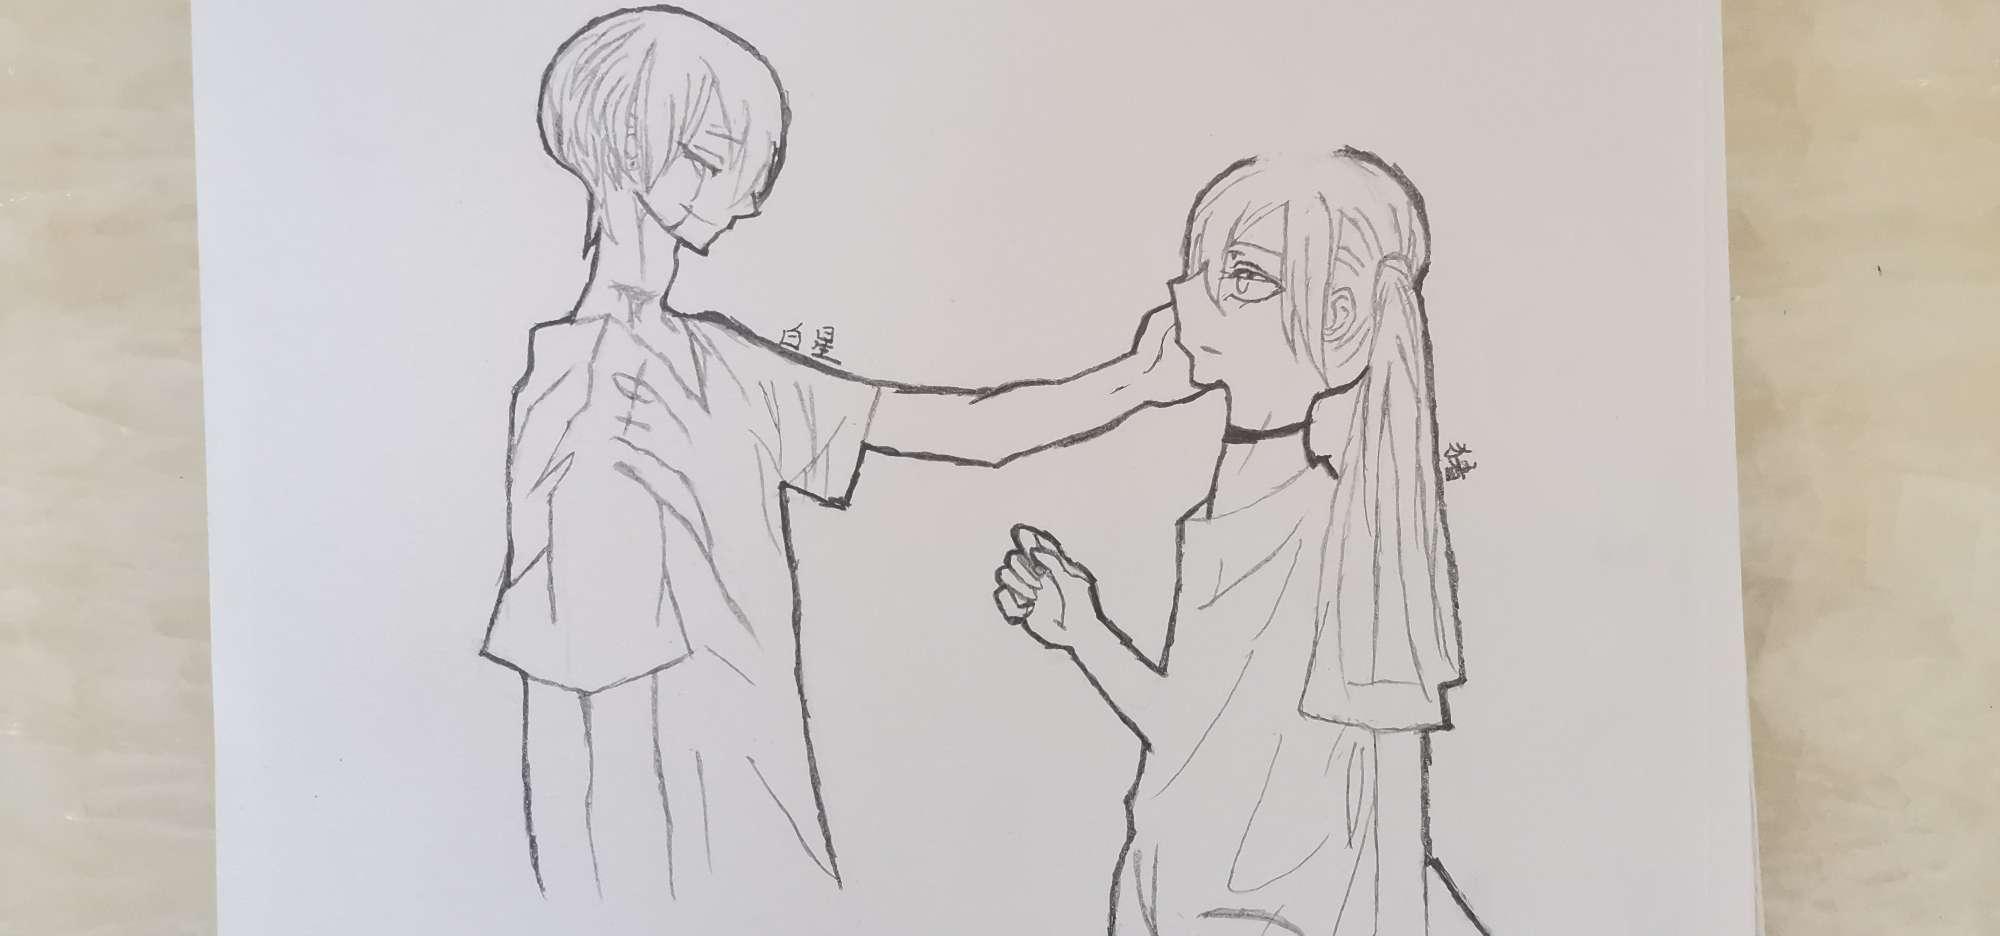 【手绘】情侣头像素描